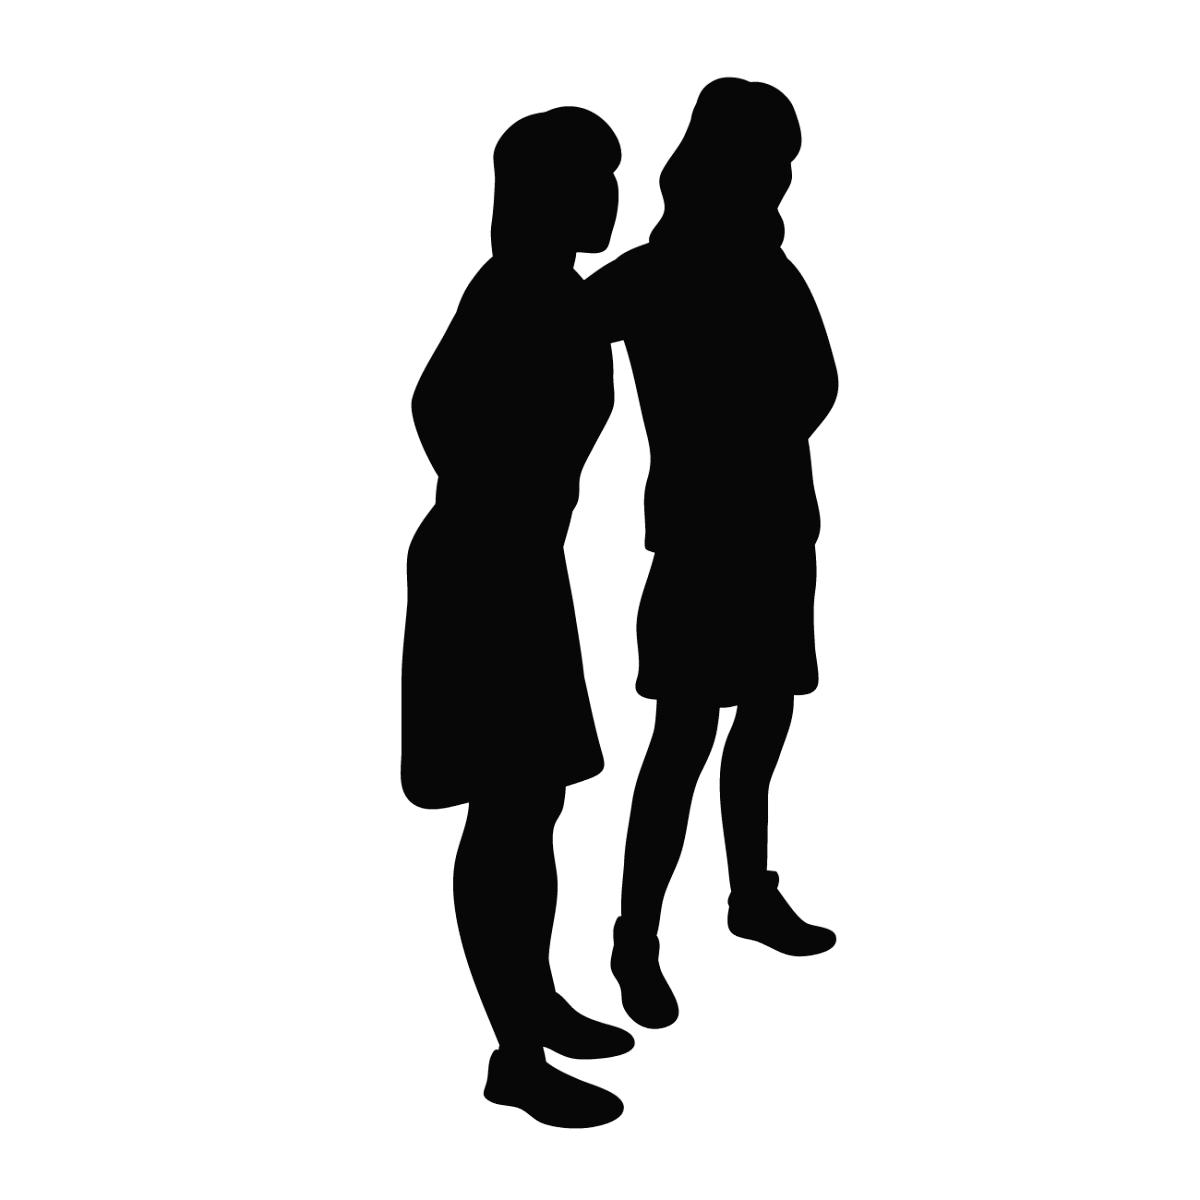 友人や恋人に強く依存してしまうという毒親育ちの女性の性格的な特徴を表すイラスト